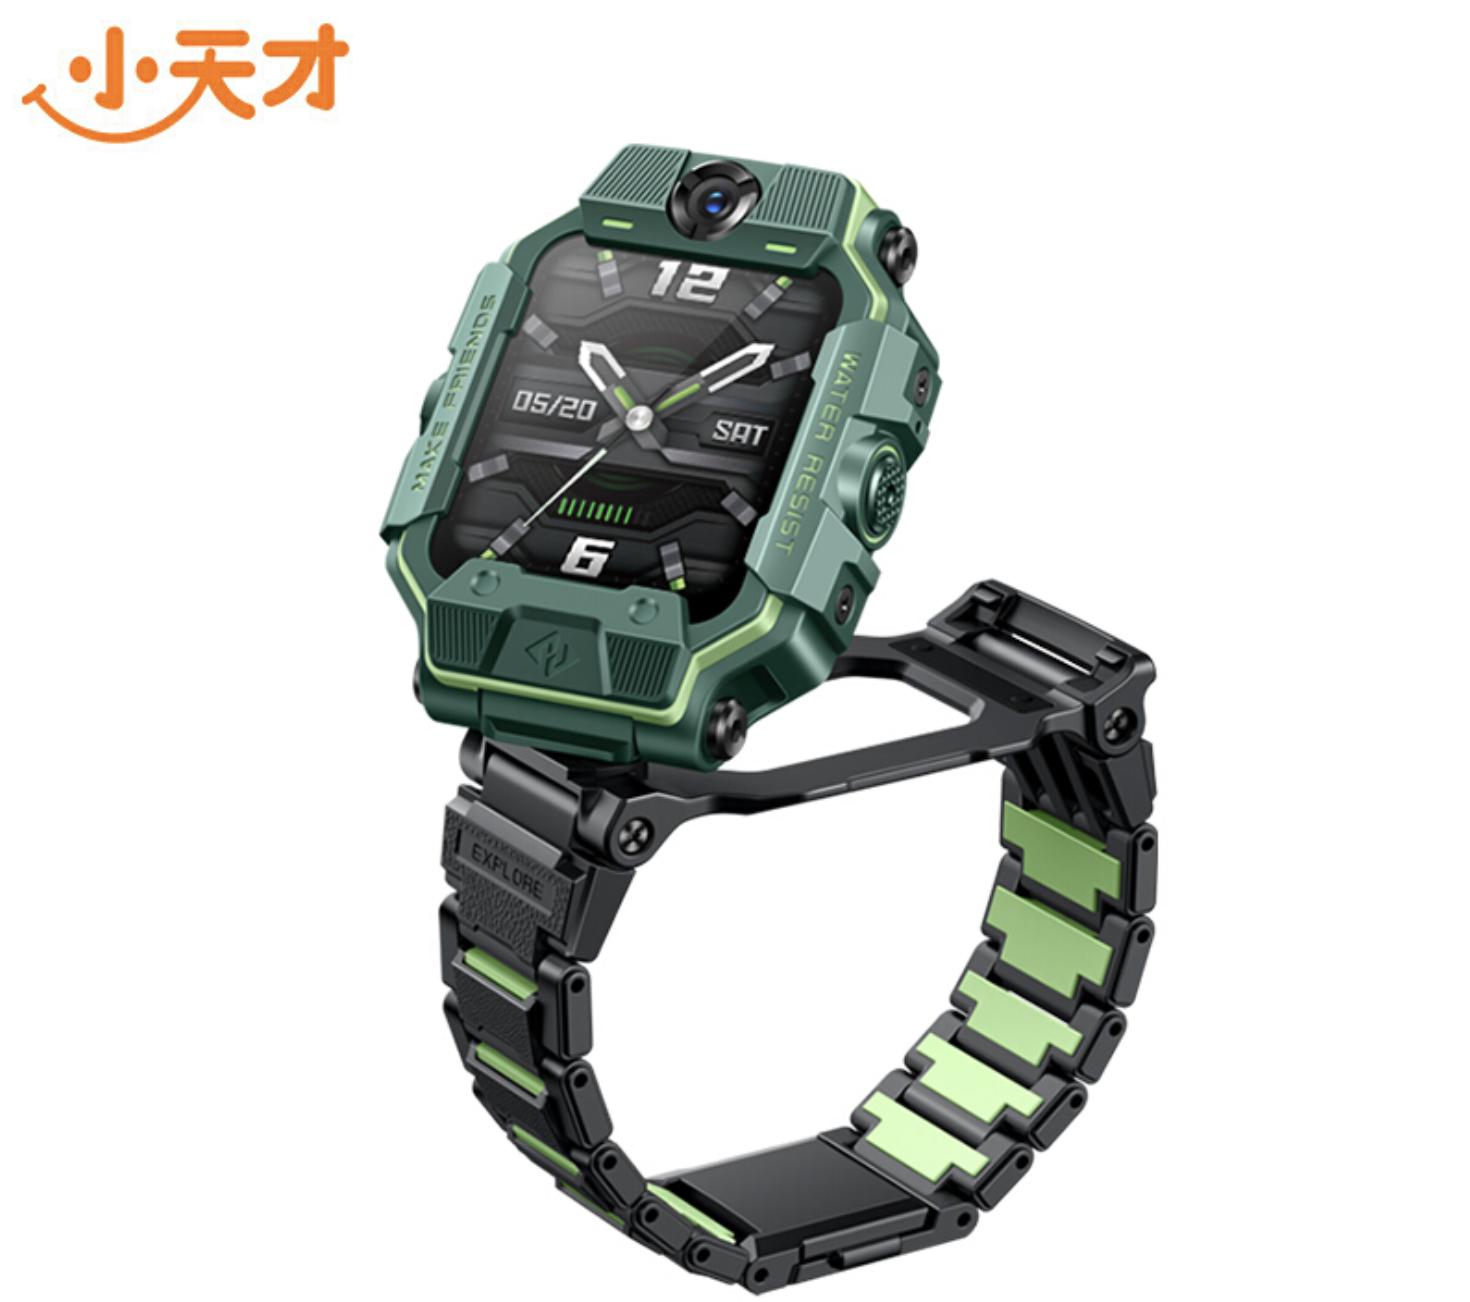 小天才 Z6 巅峰版 儿童电话手表 绿